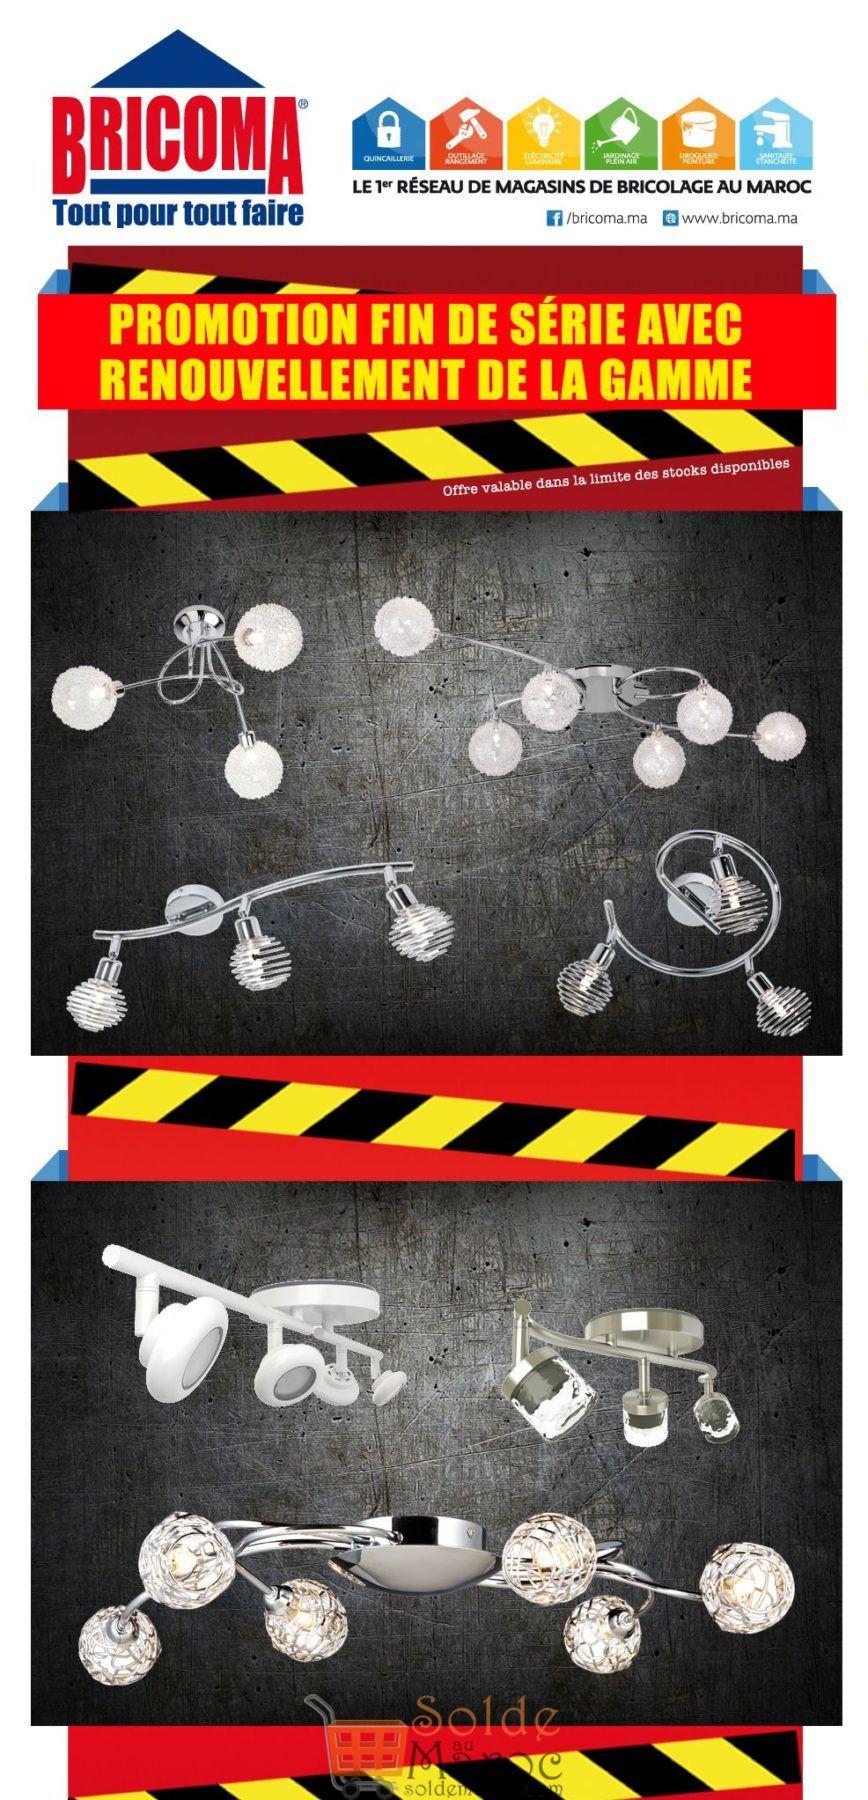 Promo fin de série Bricoma jusqu'à -70% Gamme Éclairage et Luminaire